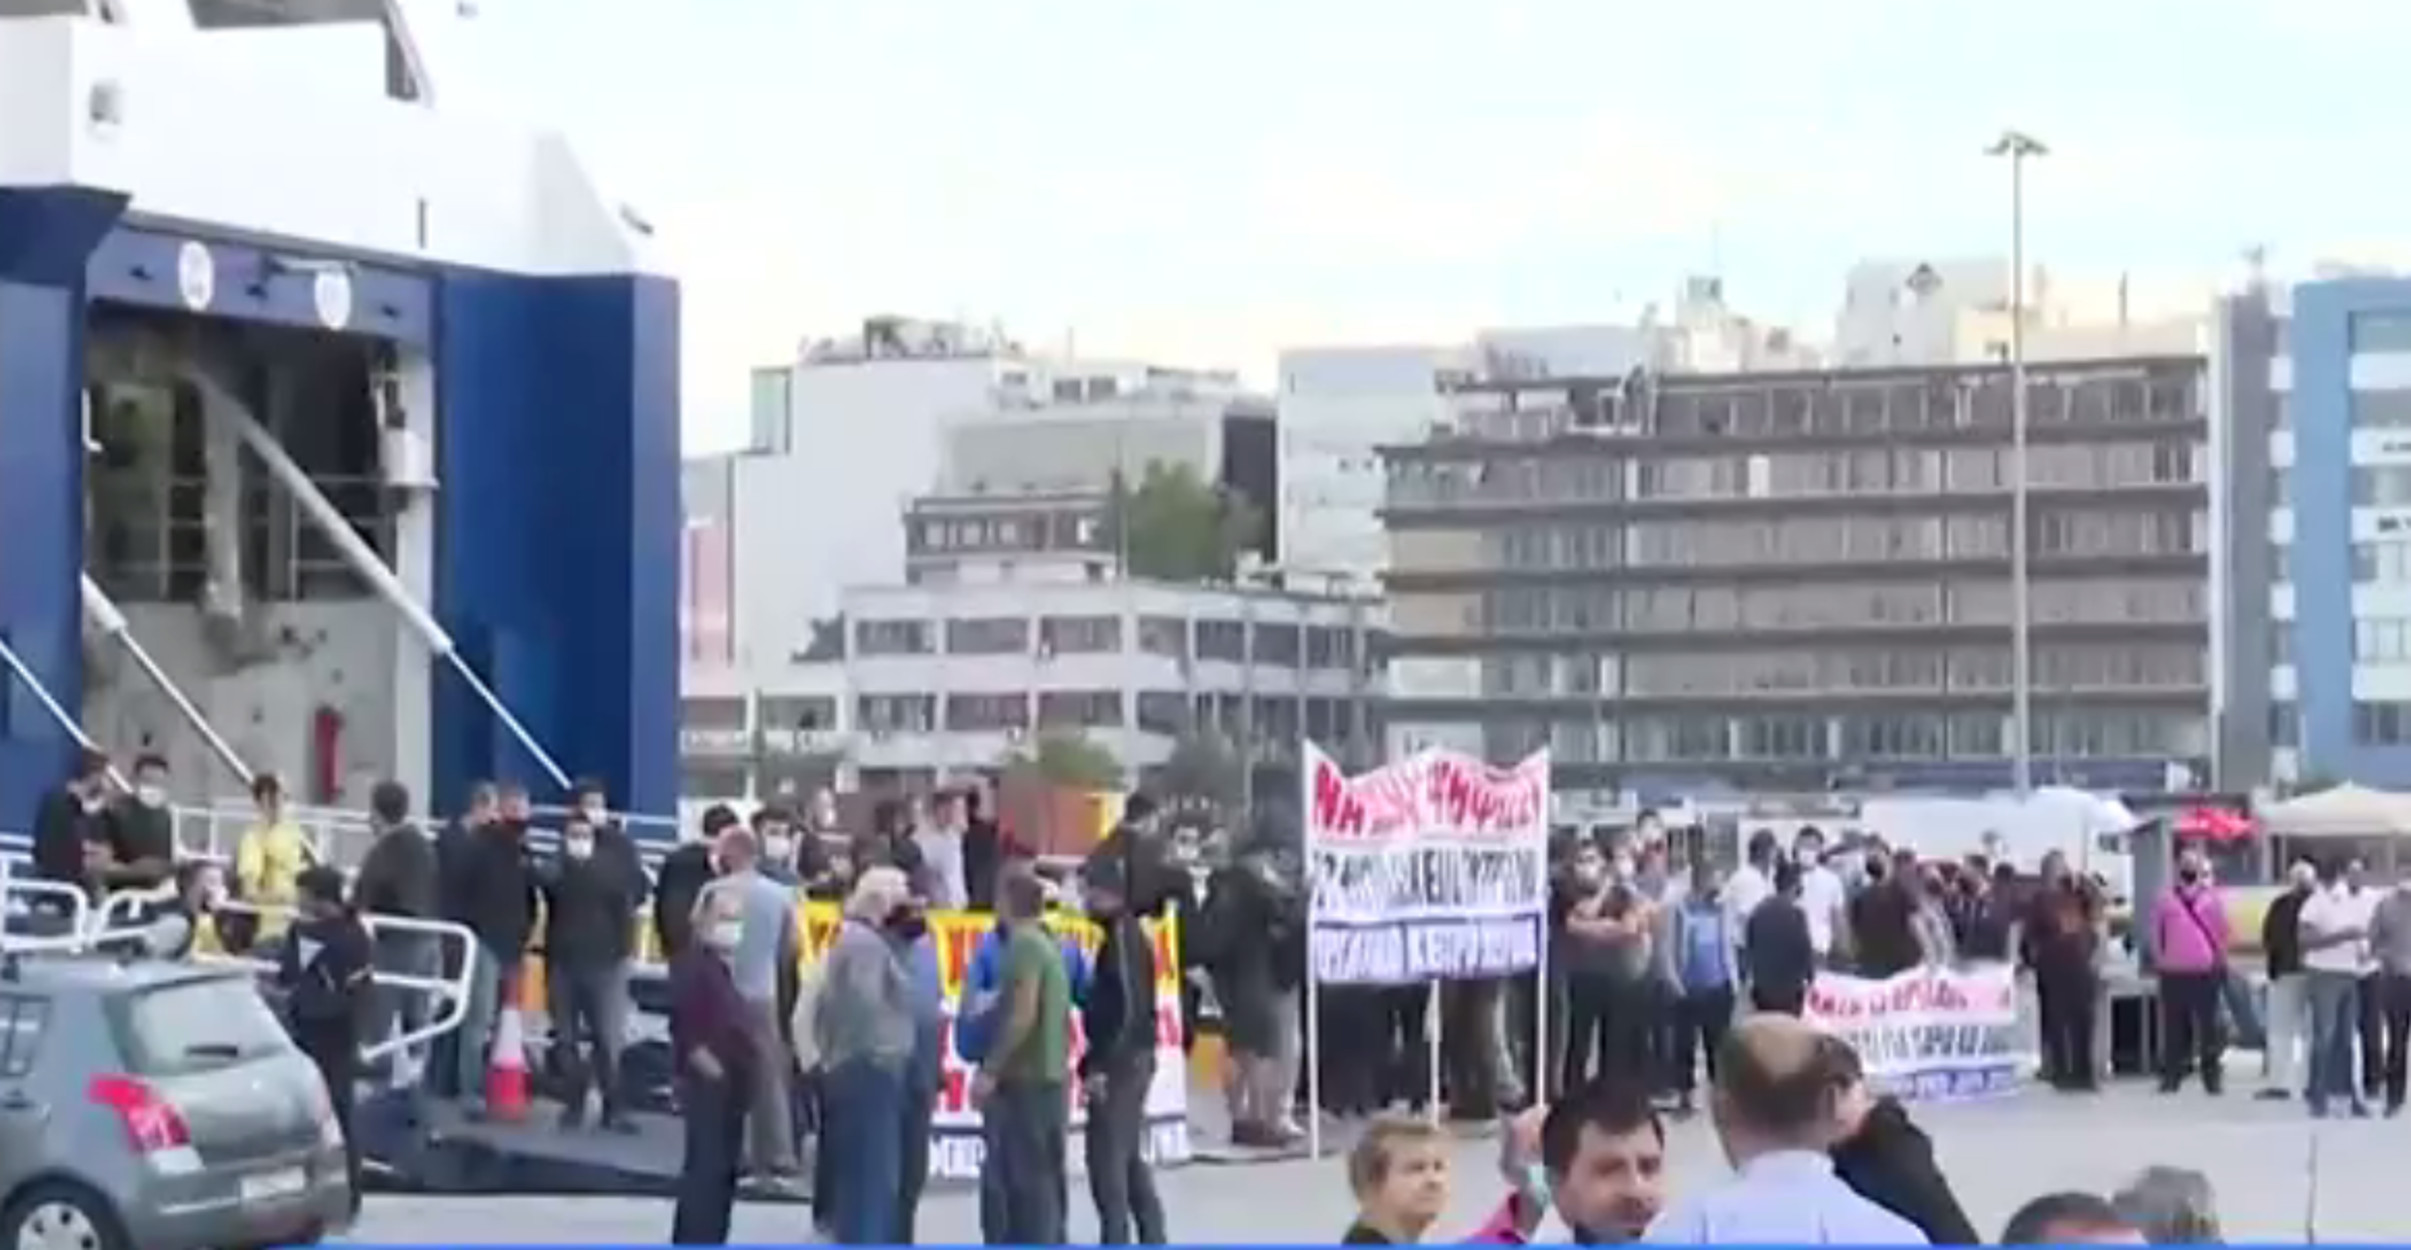 Απεργία ΠΝΟ: Χαμός από κόσμο στο λιμάνι του Πειραιά – Στους καταπέλτες των πλοίων οι ναυτεργάτες (video)